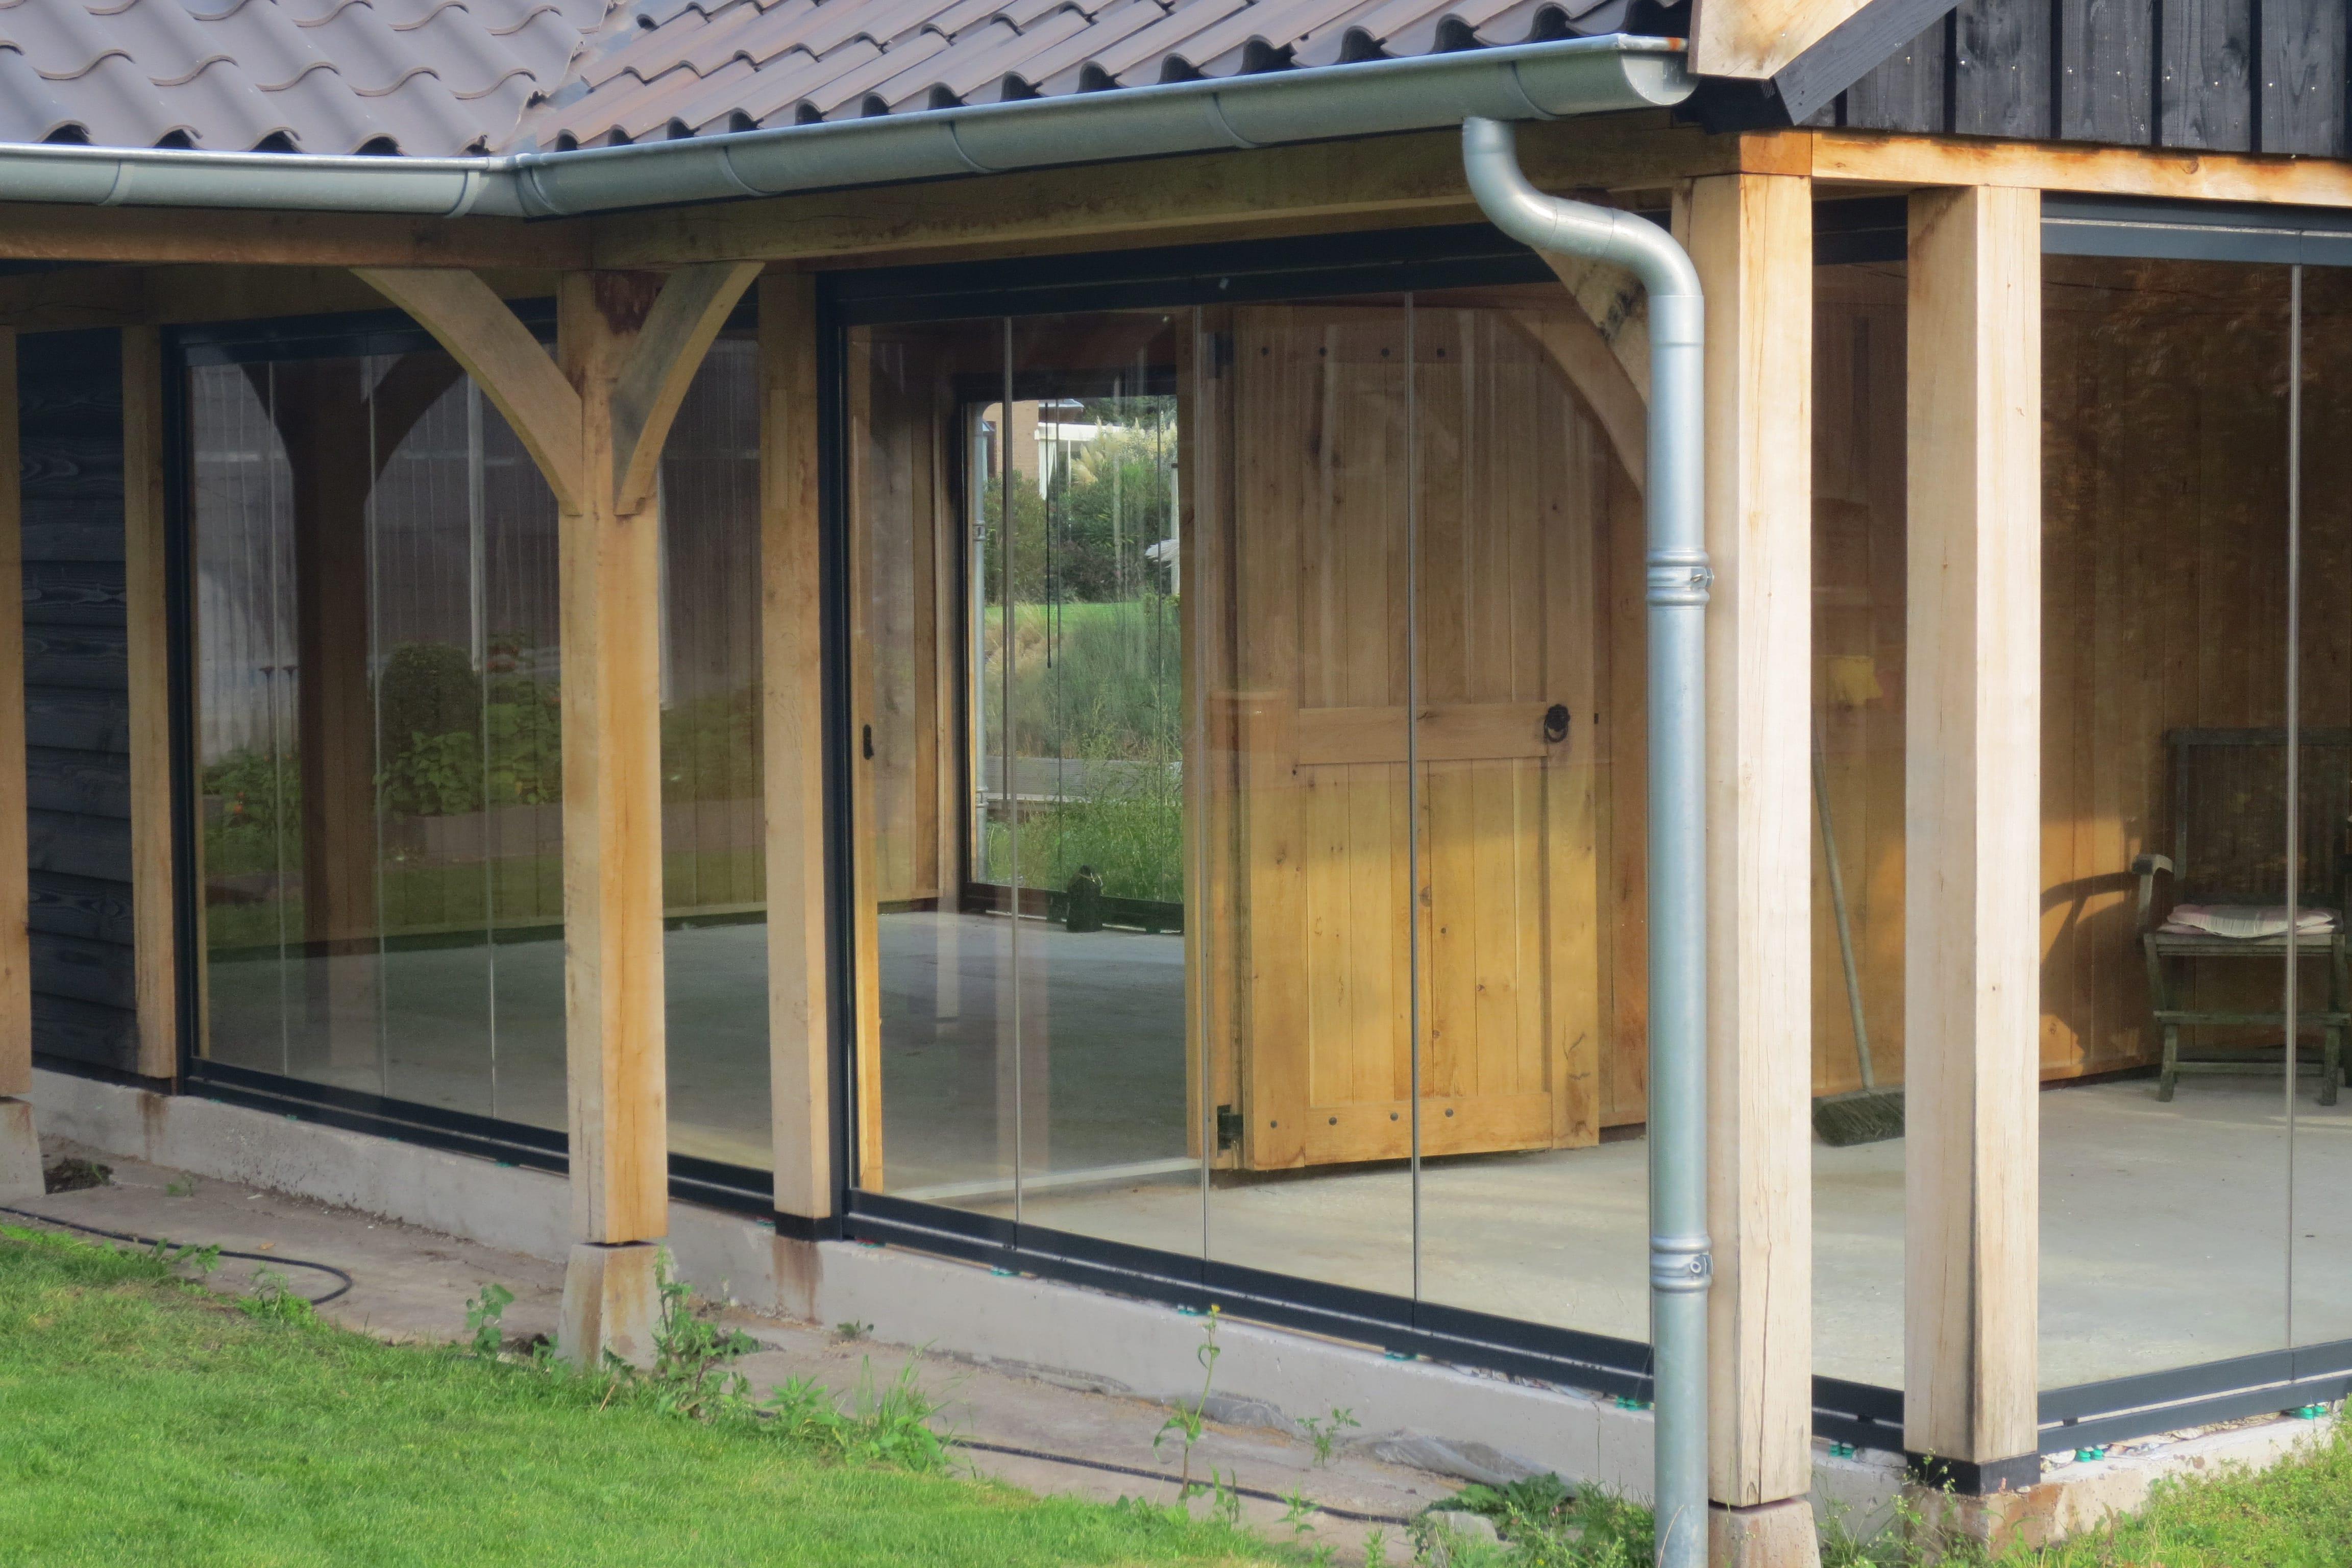 Houten-Poolhouse-10-min - Project: Houten Poolhouse Westland